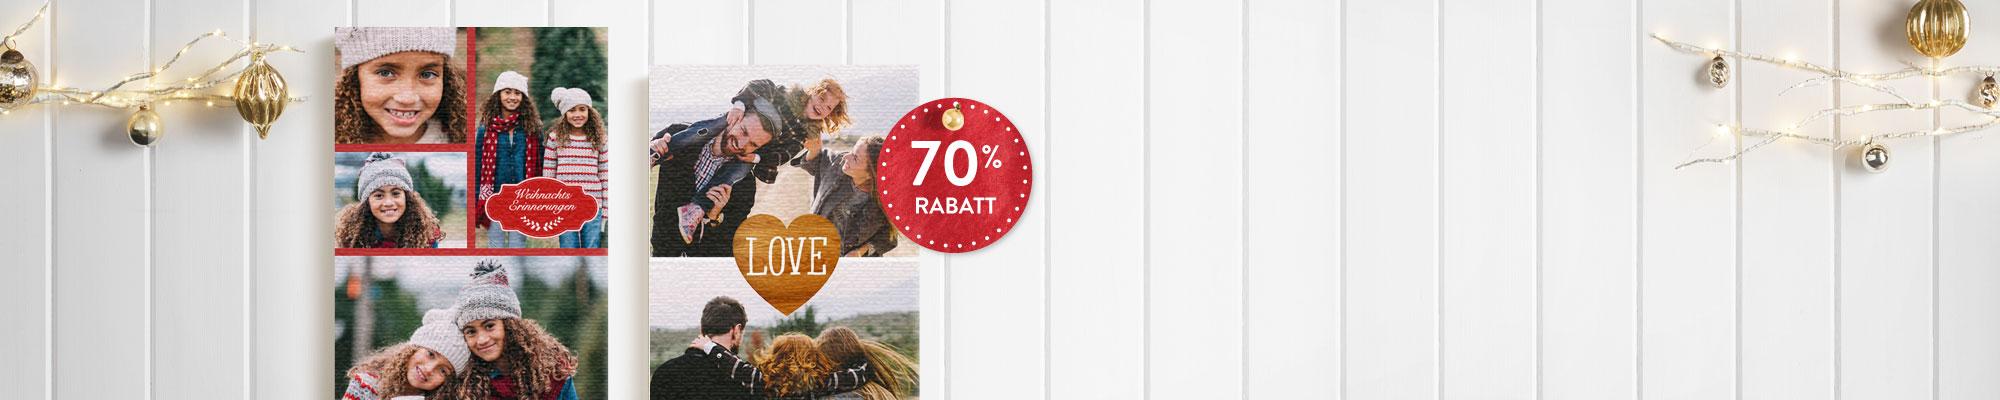 Leinwände und Wanddekoration : Unser besonderes Weihnachtsgeschenk - Fotoleinwand 40x50 cm mit 70% Rabatt! Gutscheincode: BEST516